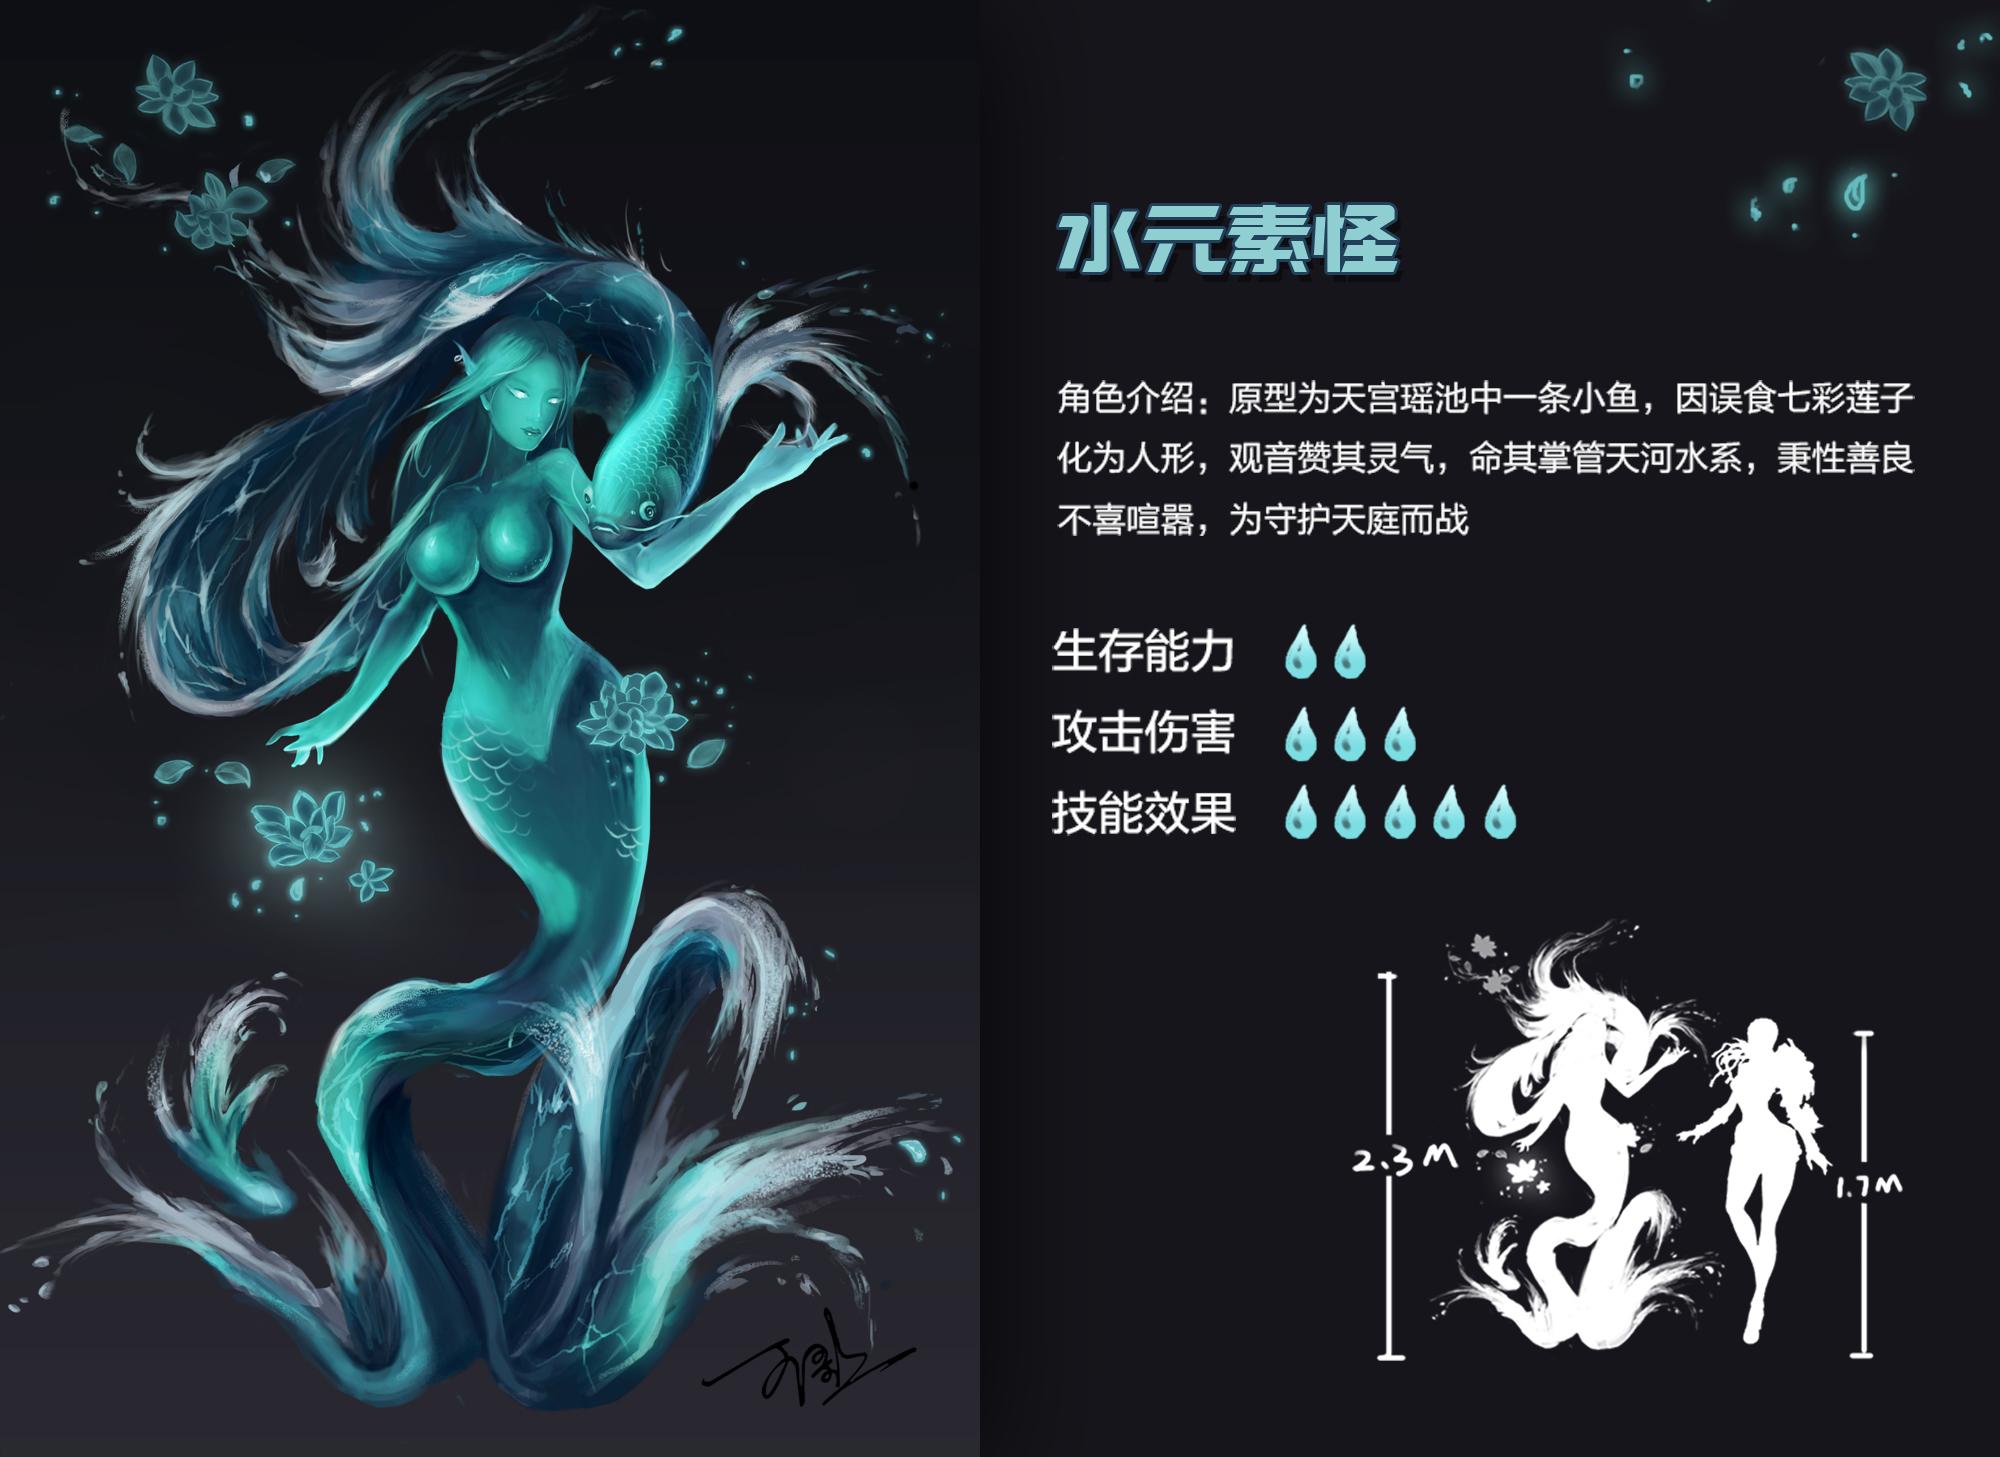 水火 元素怪 摸鱼少女和阿拉丁神灯图片